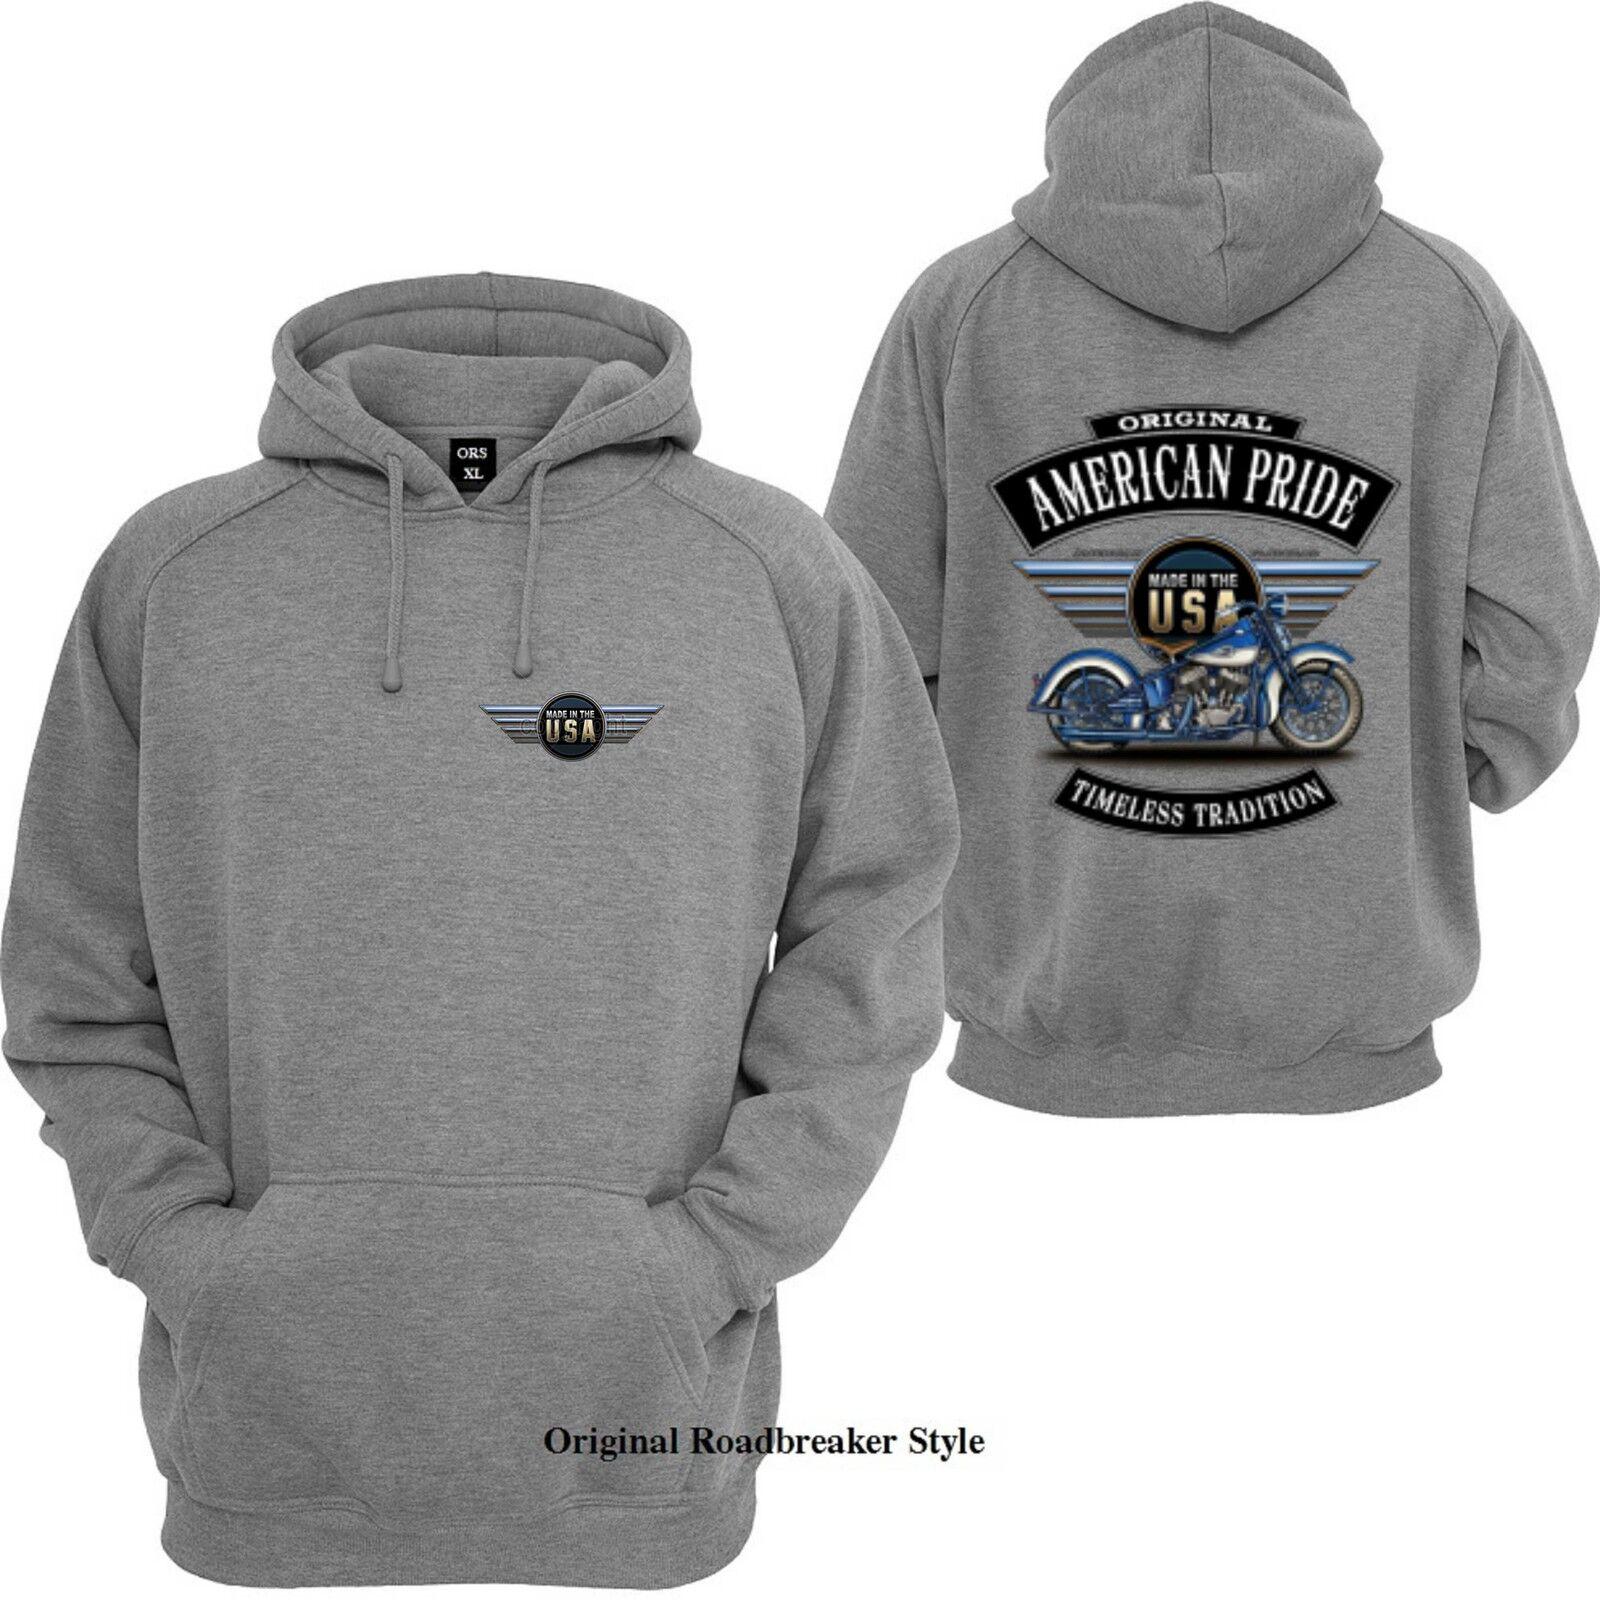 Veste sweat-shirt/Hoody & Gris HD Biker Chopper & sweat-shirt/Hoody Old schoolmotiv modèle American p. 473f58